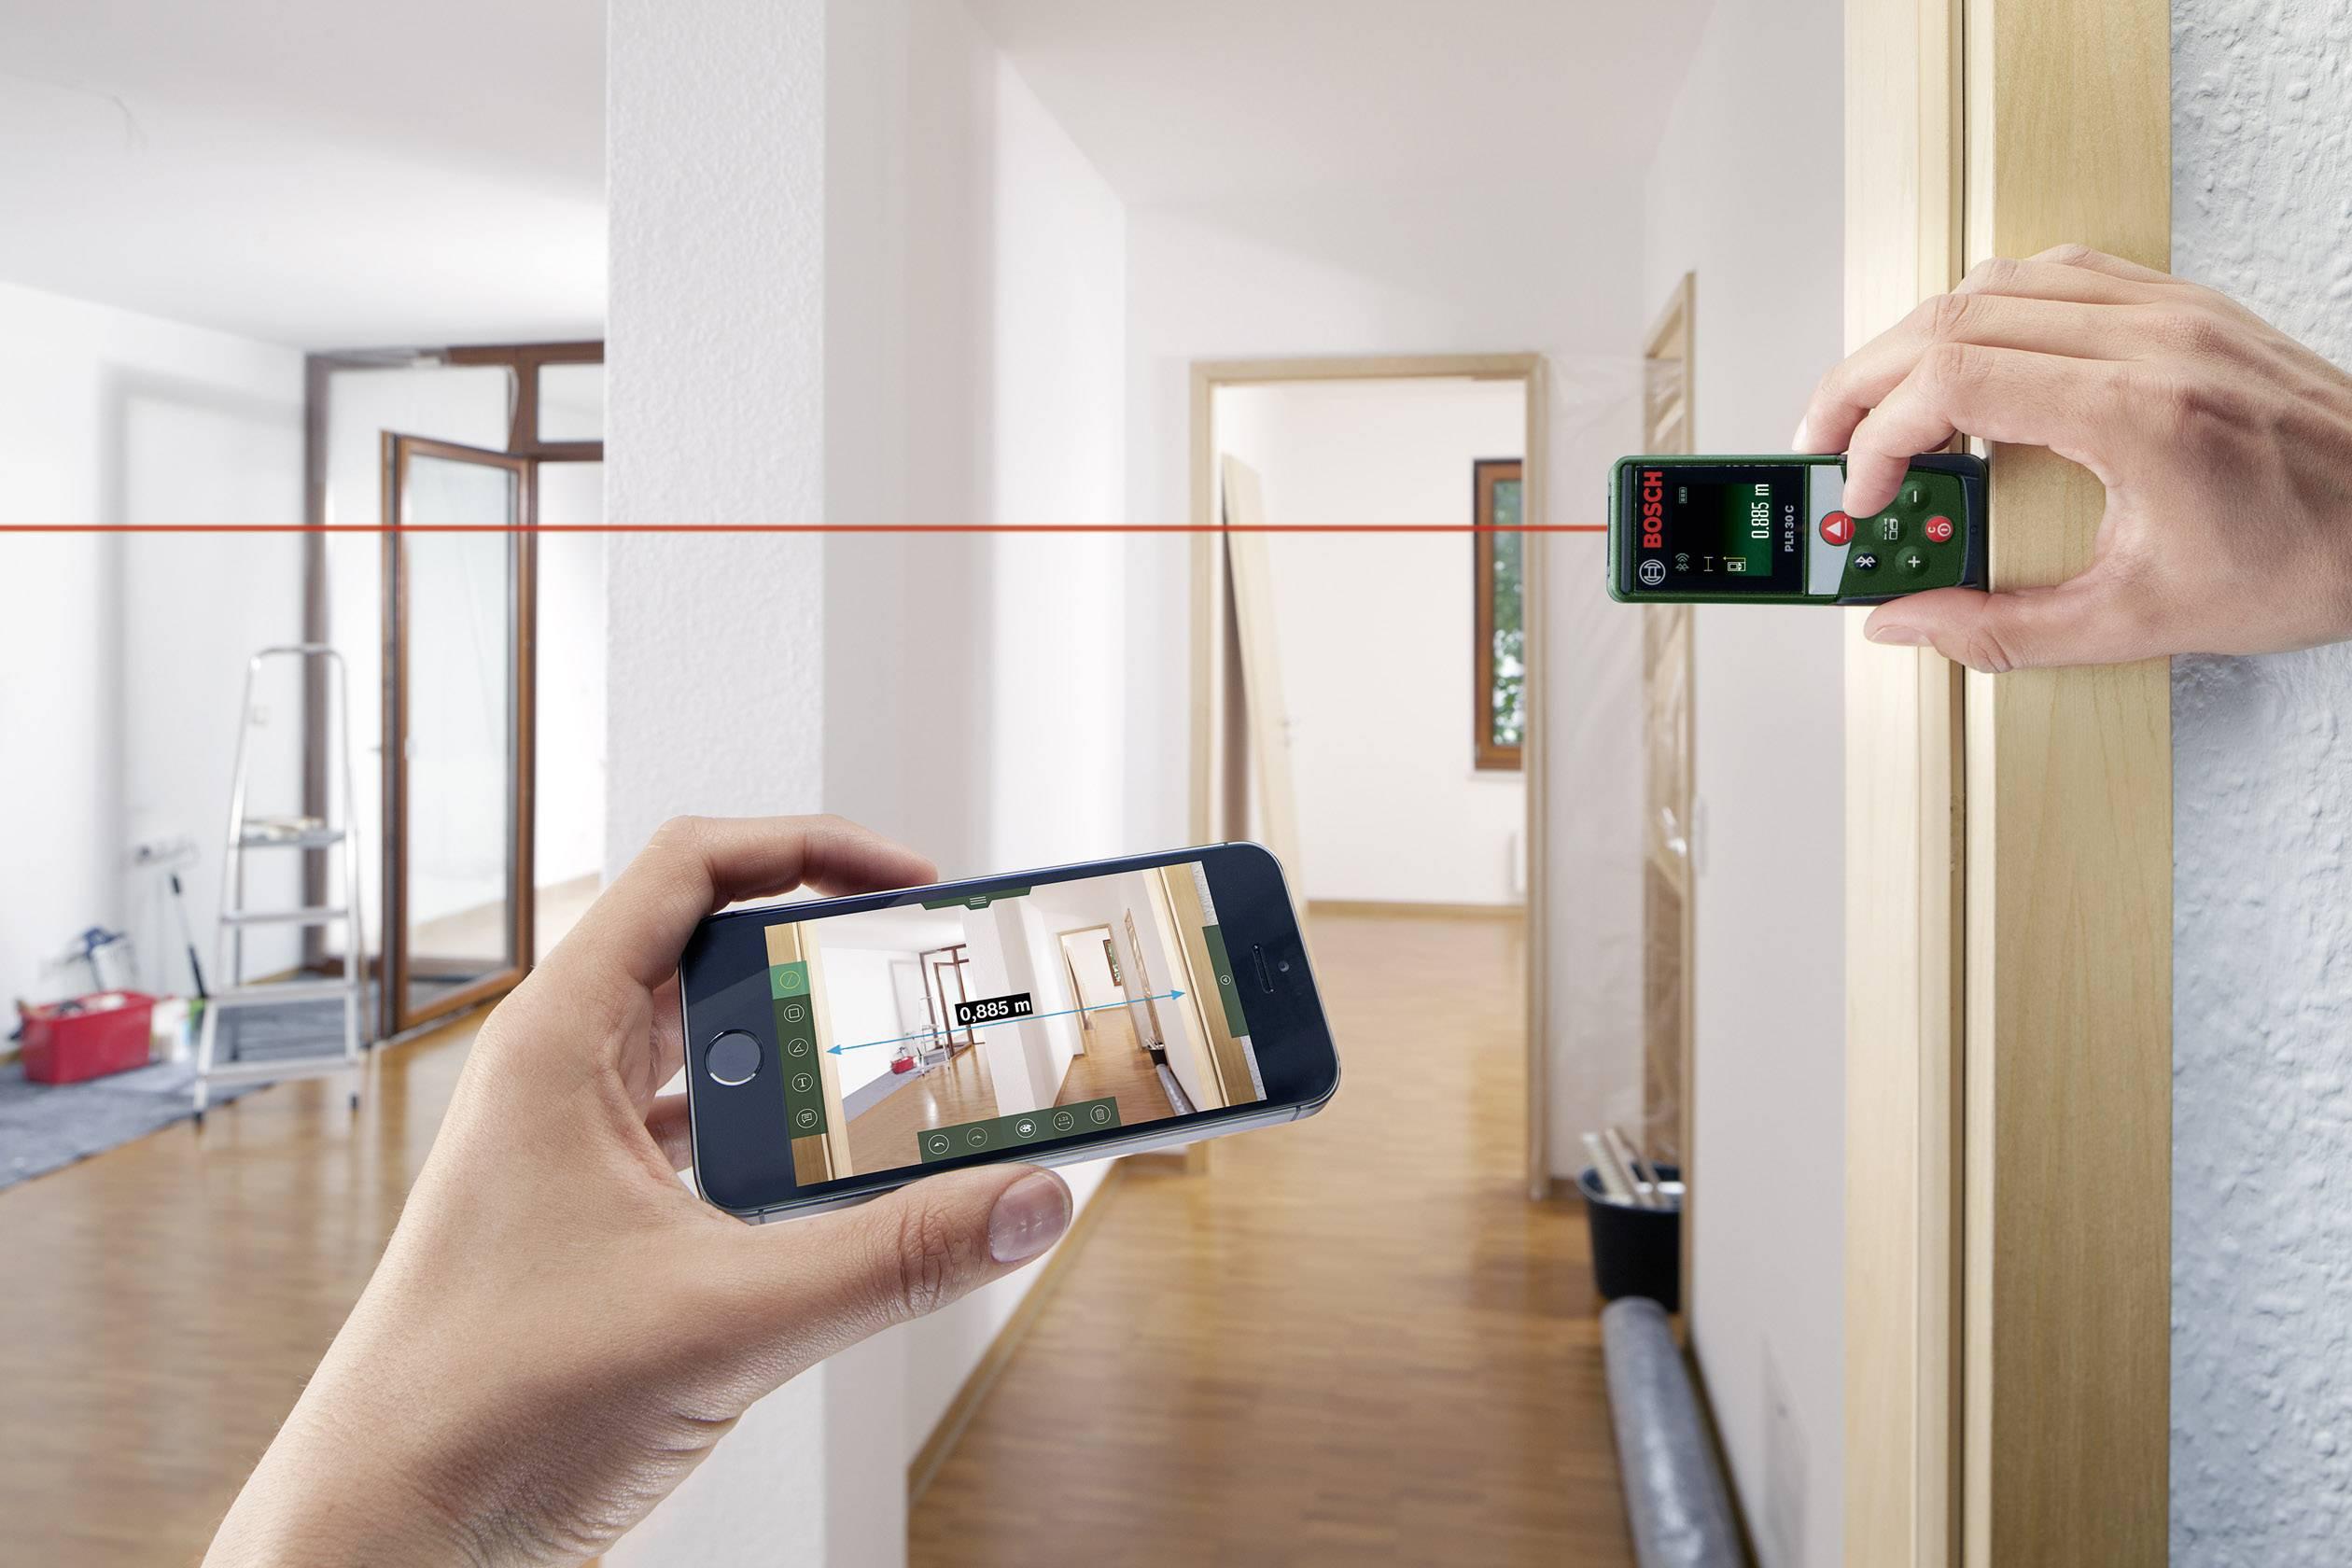 Bosch Plr 25 Laser Entfernungsmesser Bedienungsanleitung : Bosch home and garden plr c laser entfernungsmesser bluetooth